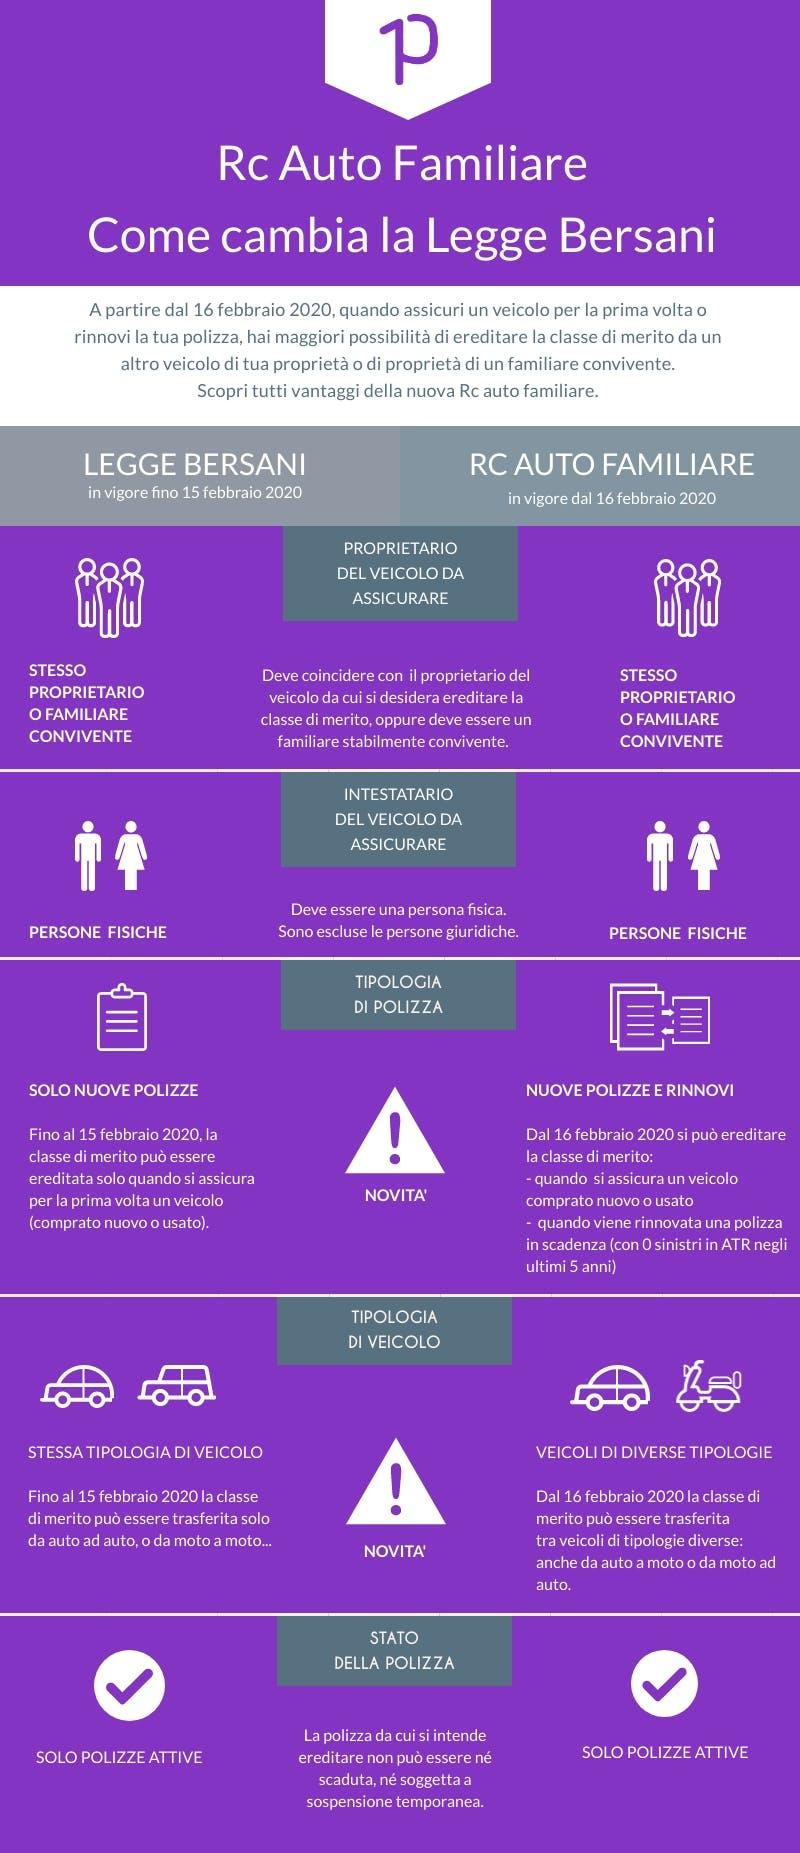 Rc Auto familiare: come cambia la Legge Bersani